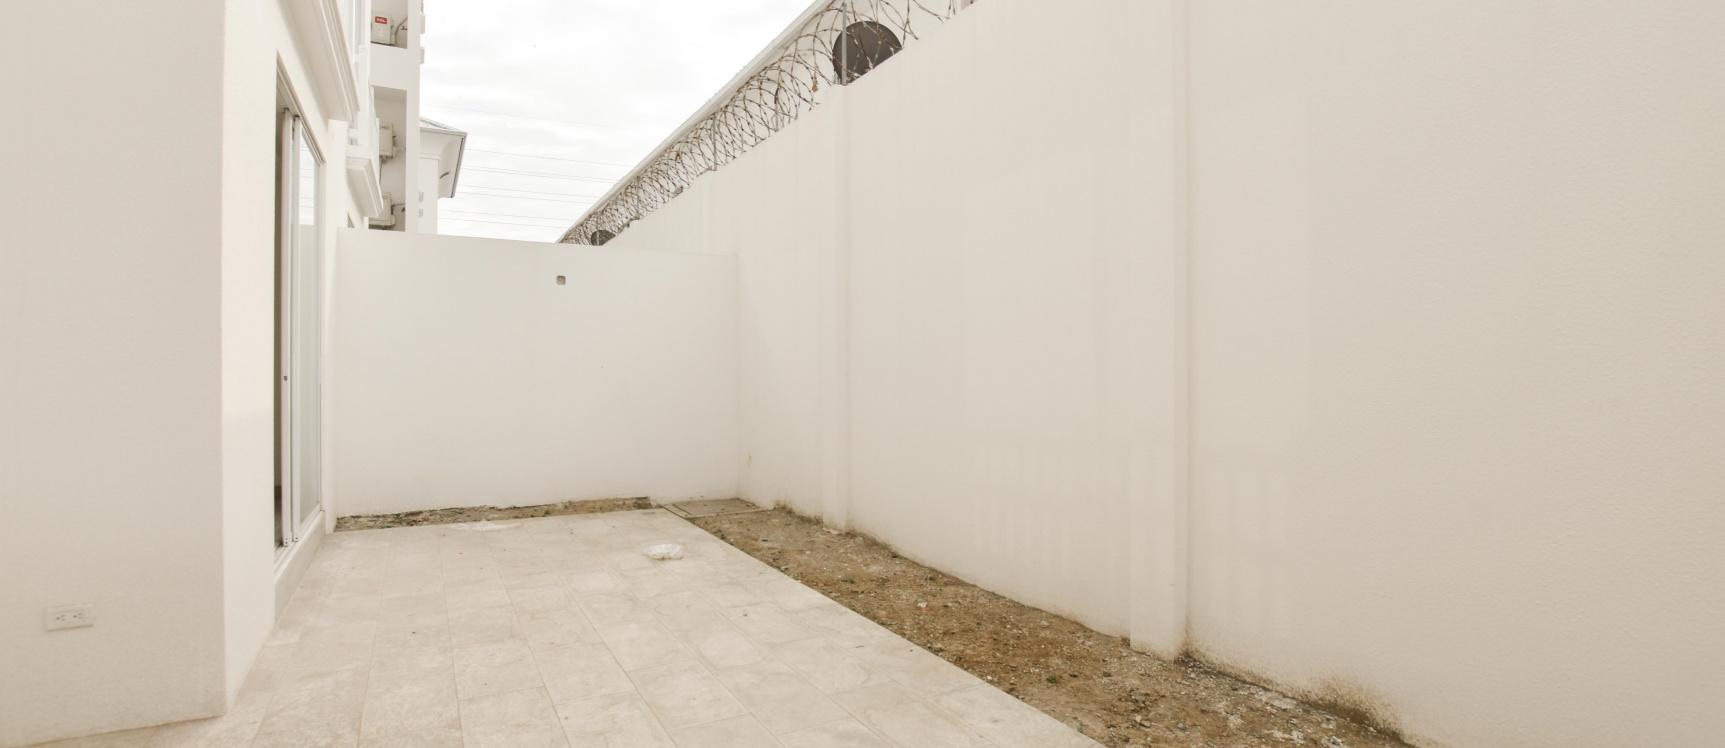 GeoBienes - Departamento en venta ubicado en Urb. Riu - Vía Samborondón Km 5 - Plusvalia Guayaquil Casas de venta y alquiler Inmobiliaria Ecuador